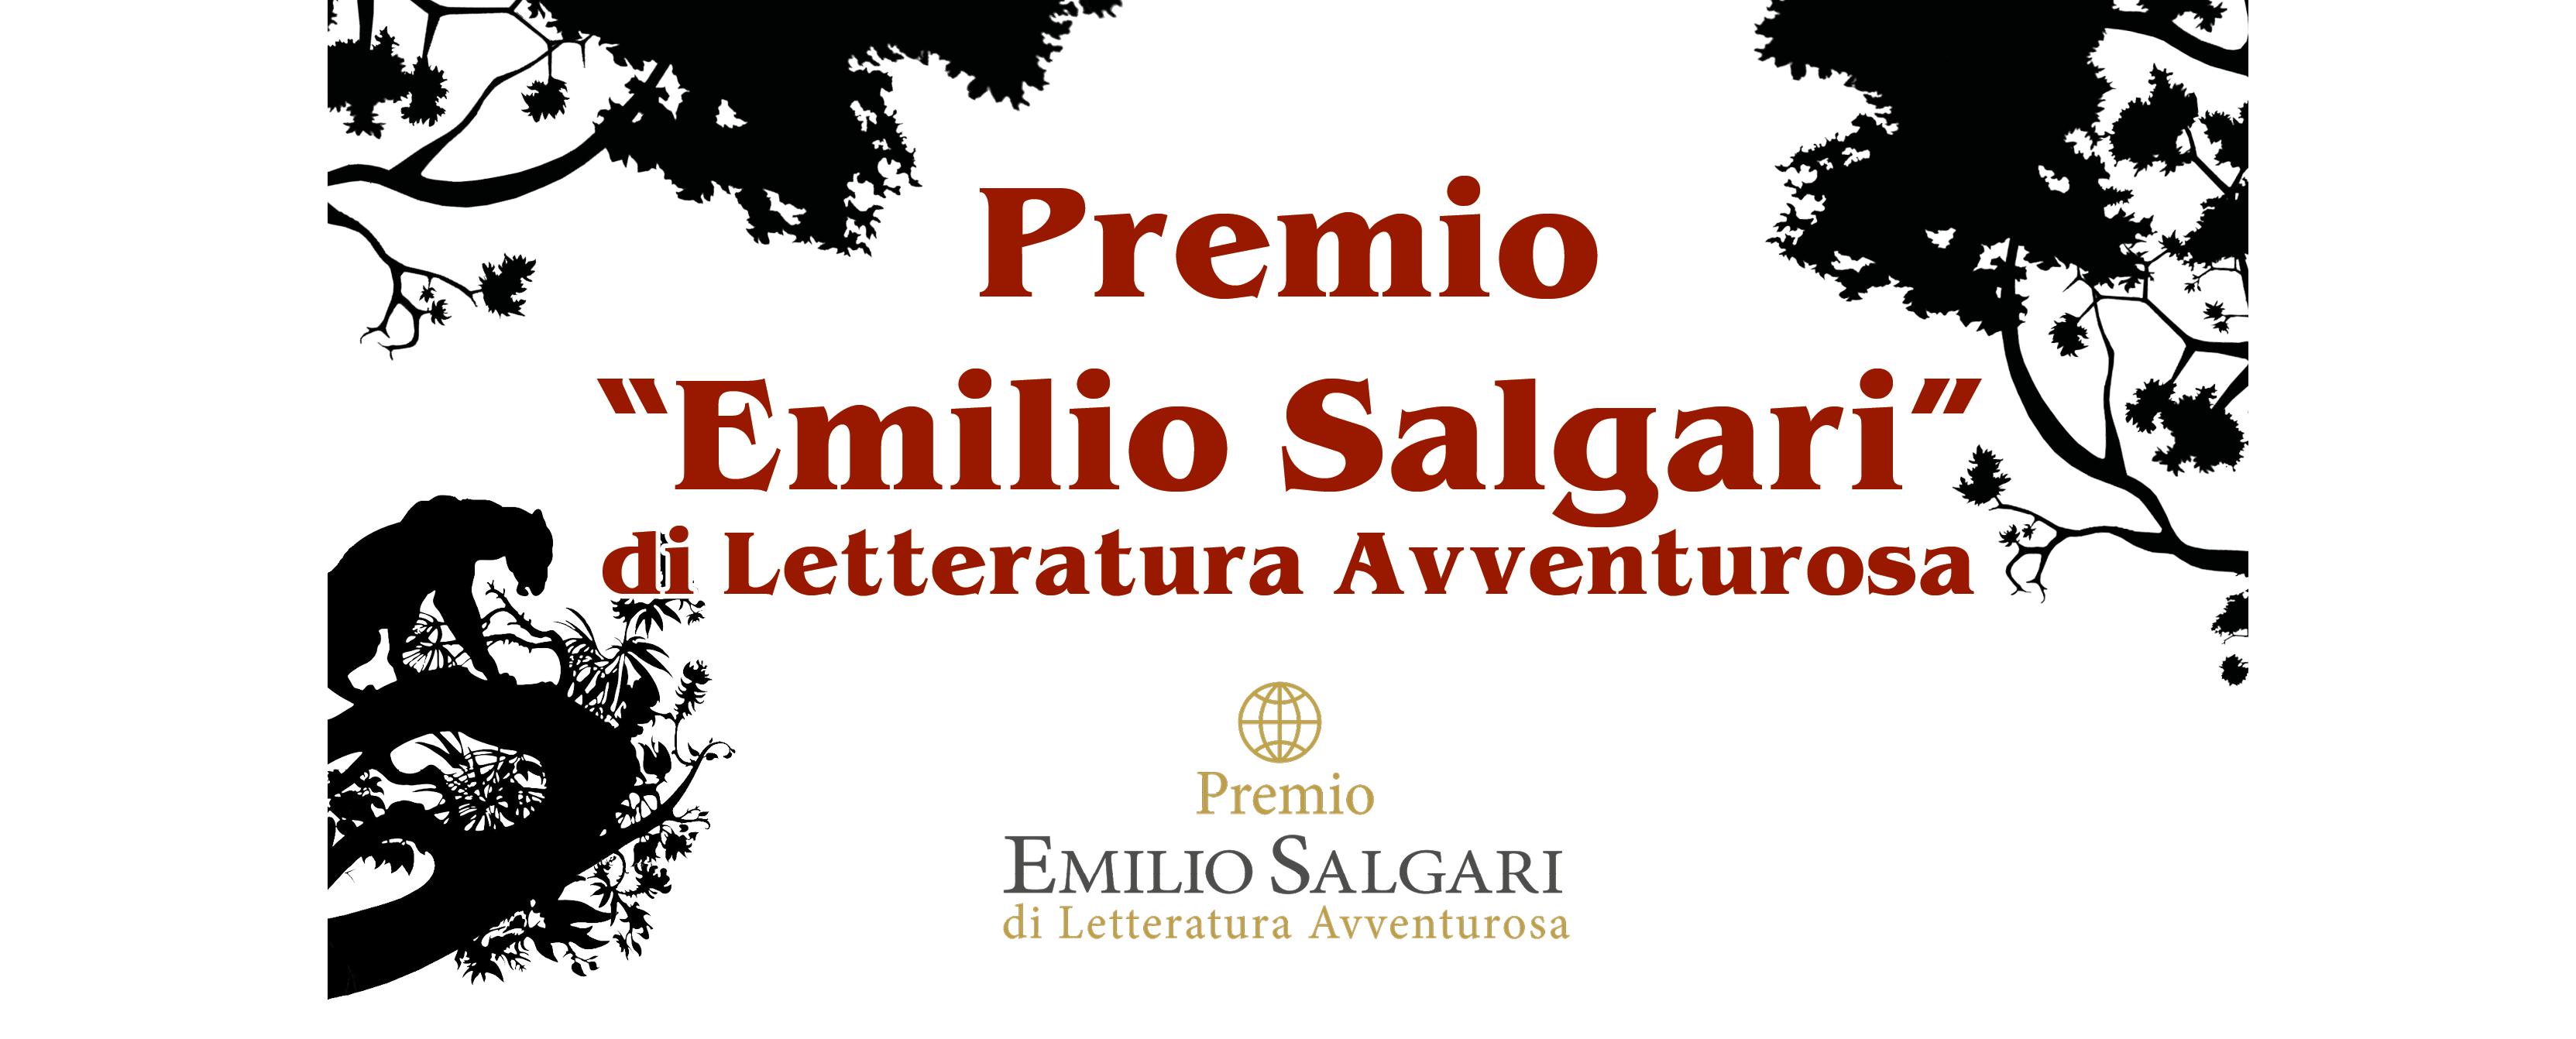 Premio Salgari sito Ufficiale